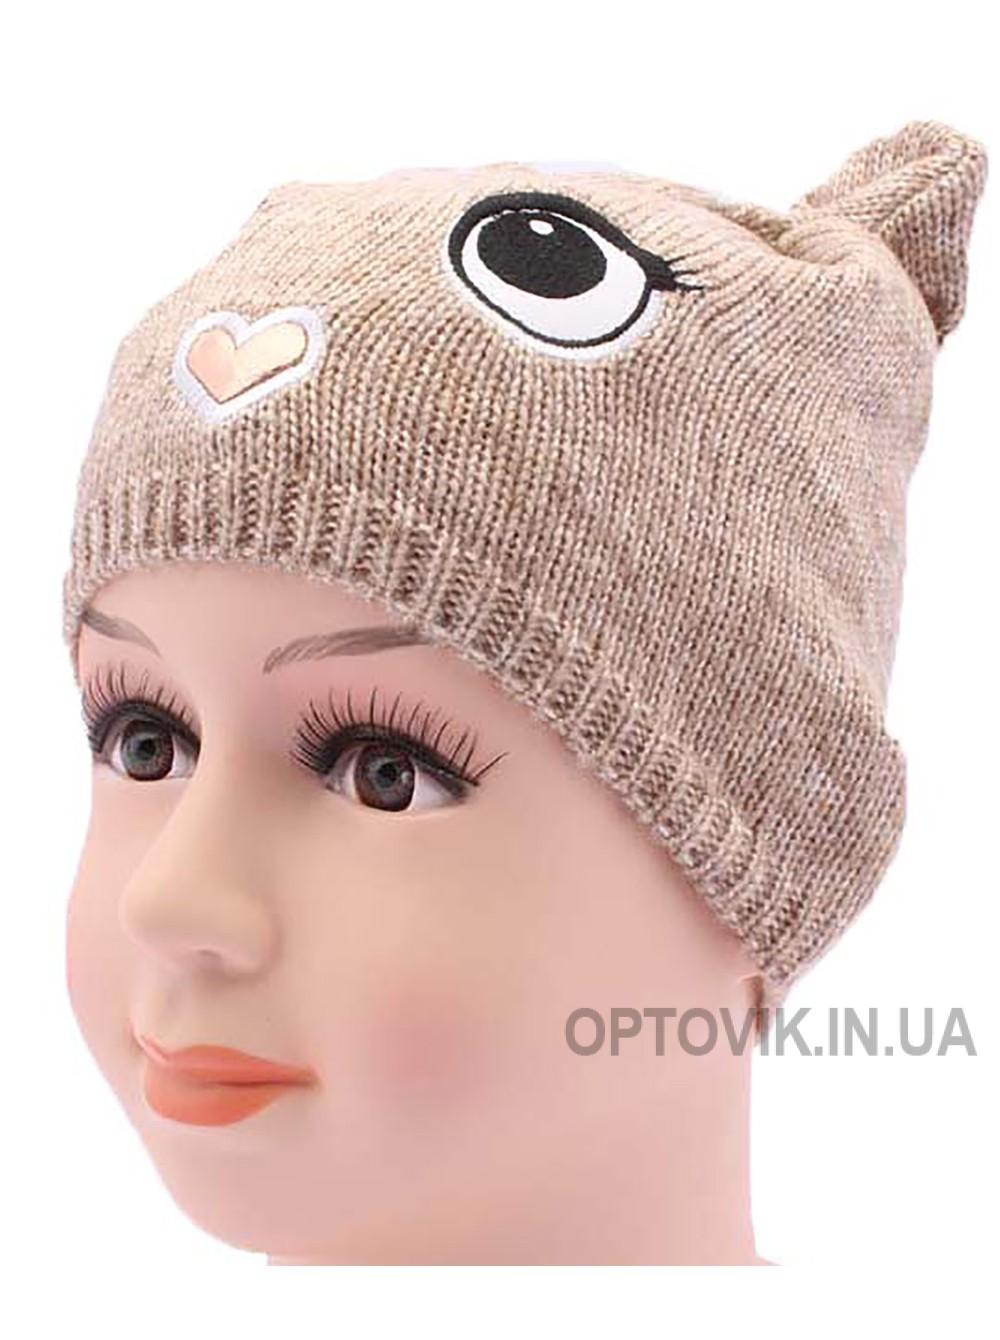 Детская вязаная шапка Милашка DV420-44-48